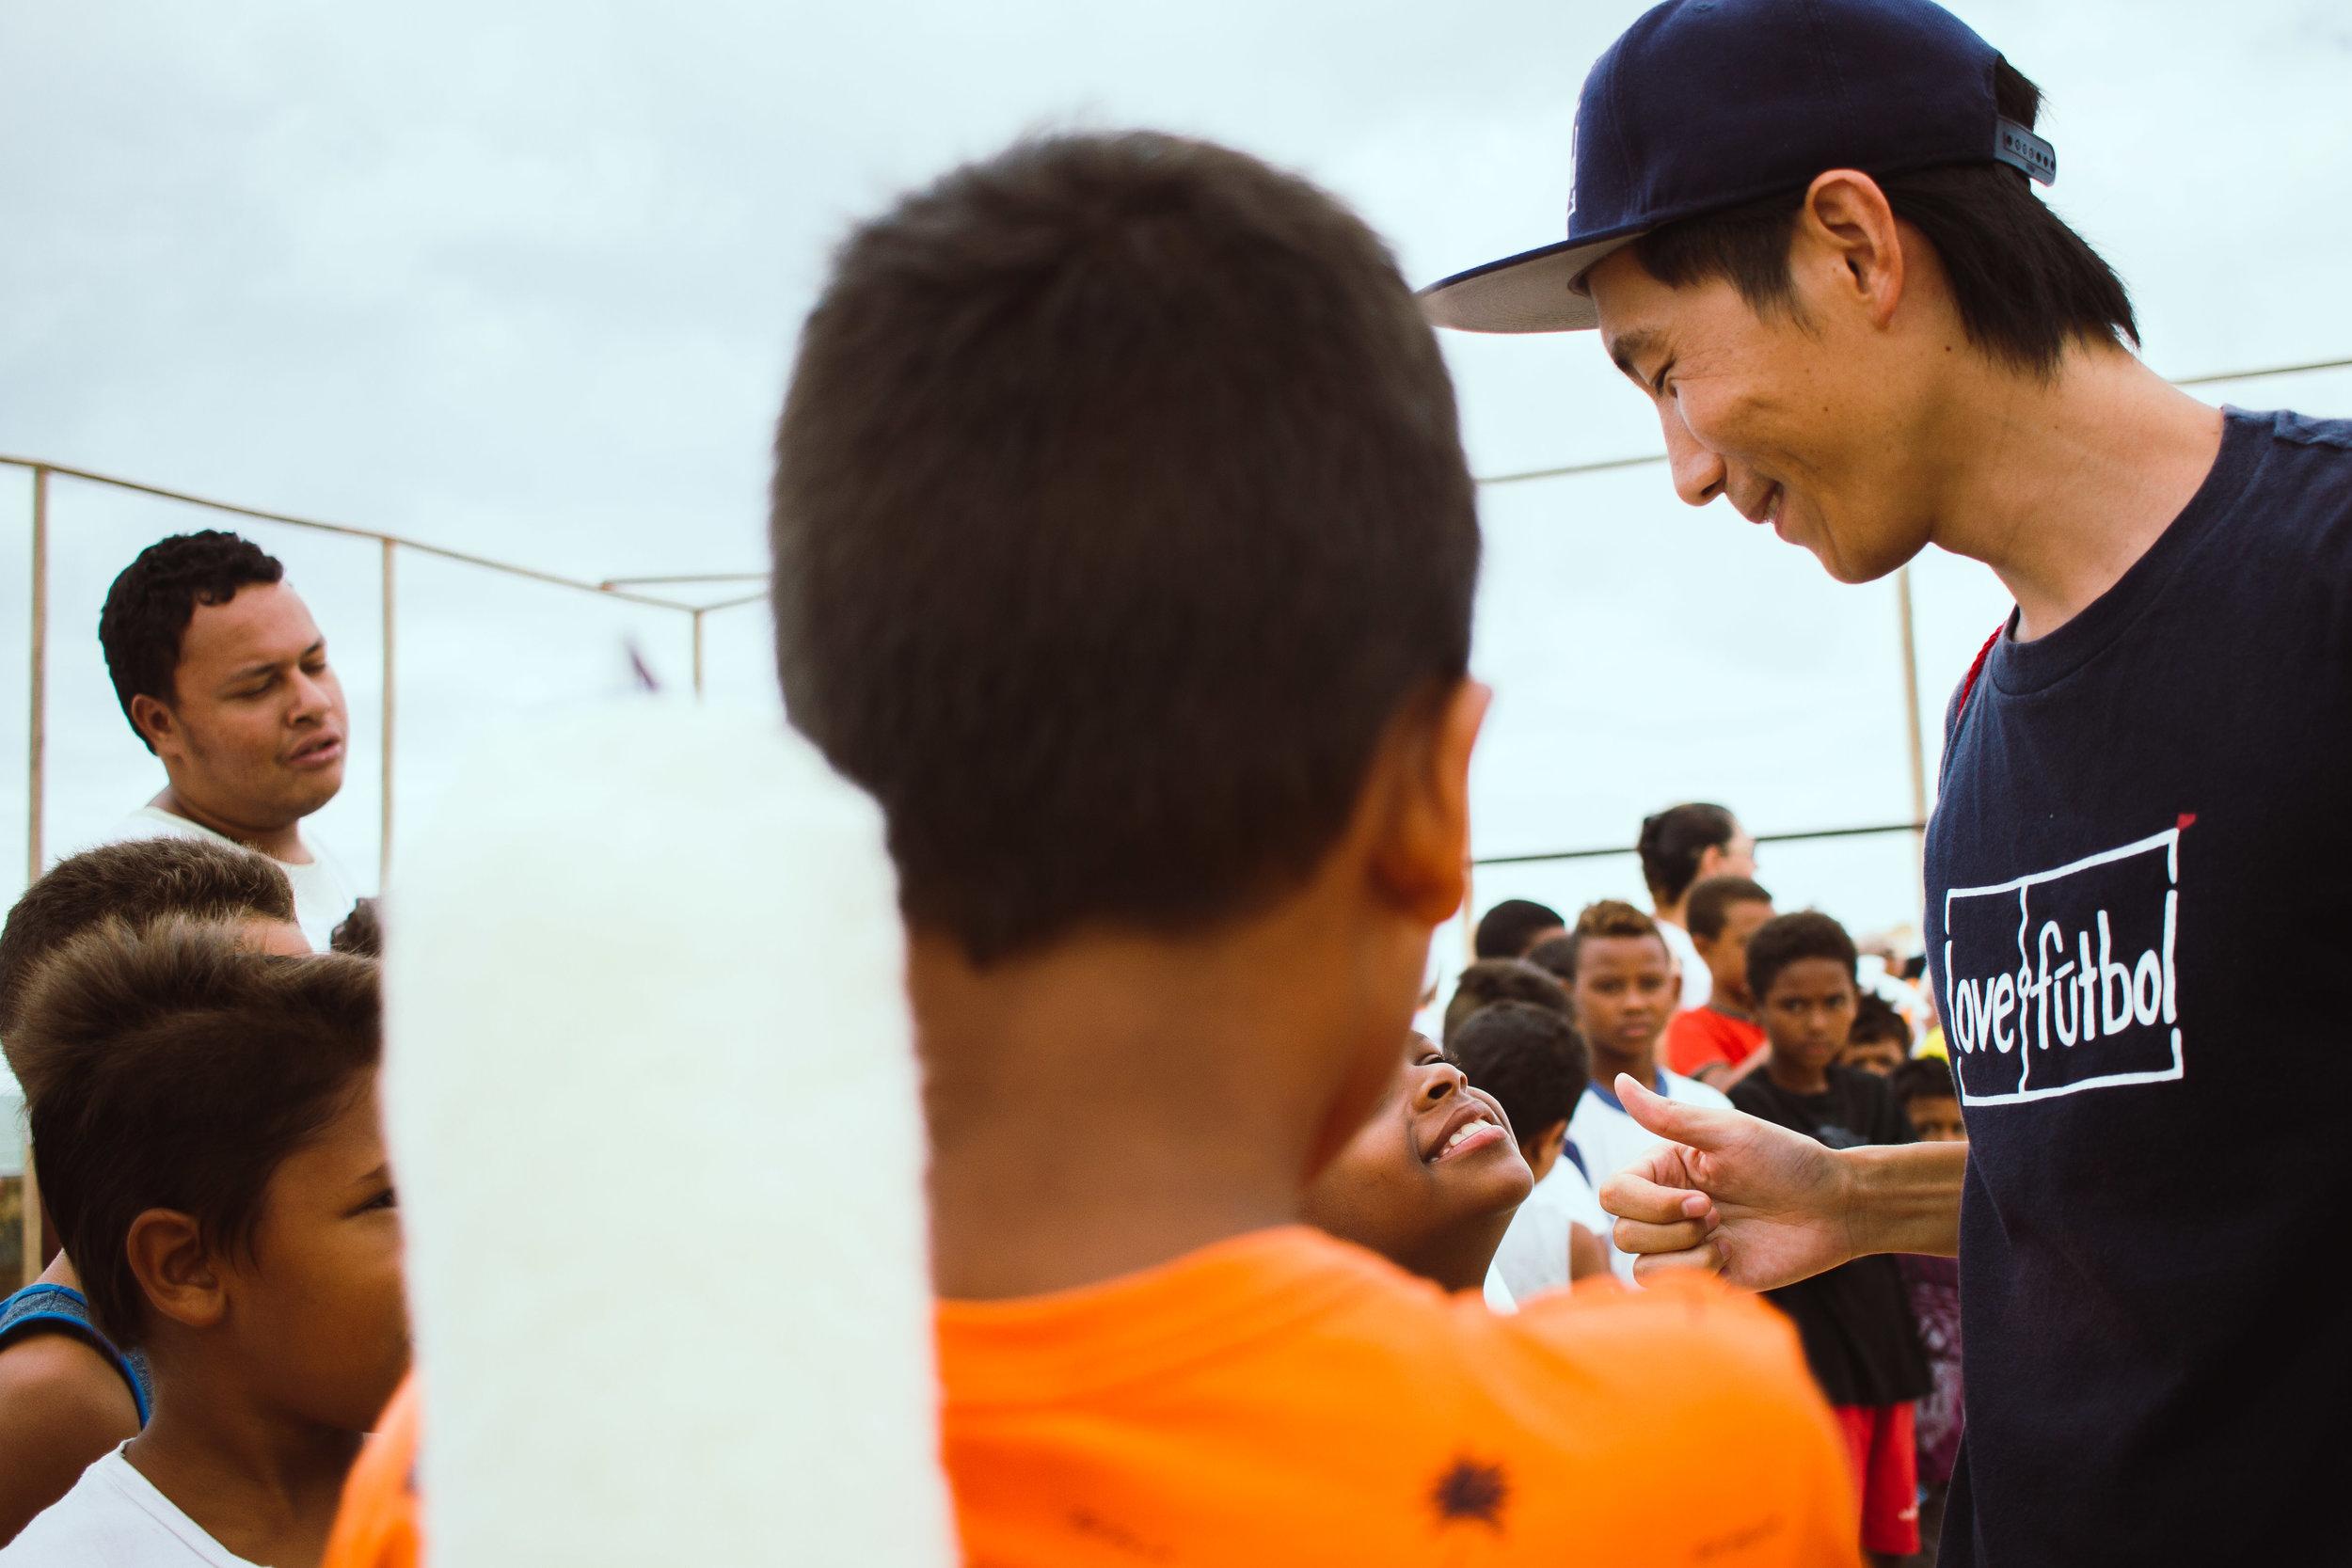 Kato coordenou a campanha de doação online, no Japão, realizada no primeiro semestre deste ano.